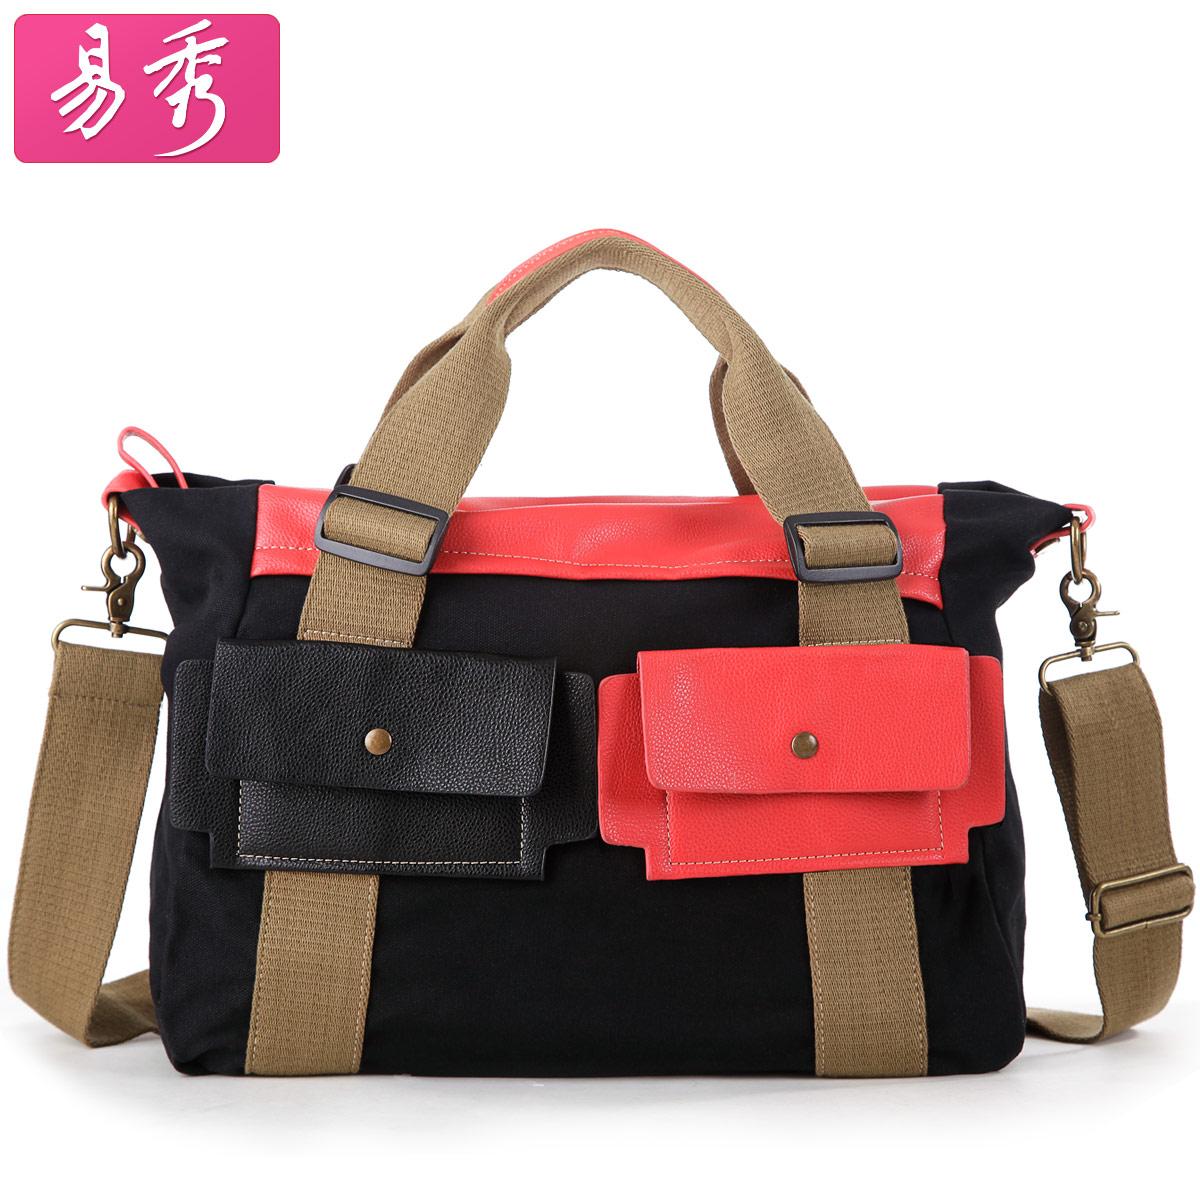 Сумка Easy to show bfk010701 Девушки Женская сумка Однотонный цвет Холщевка